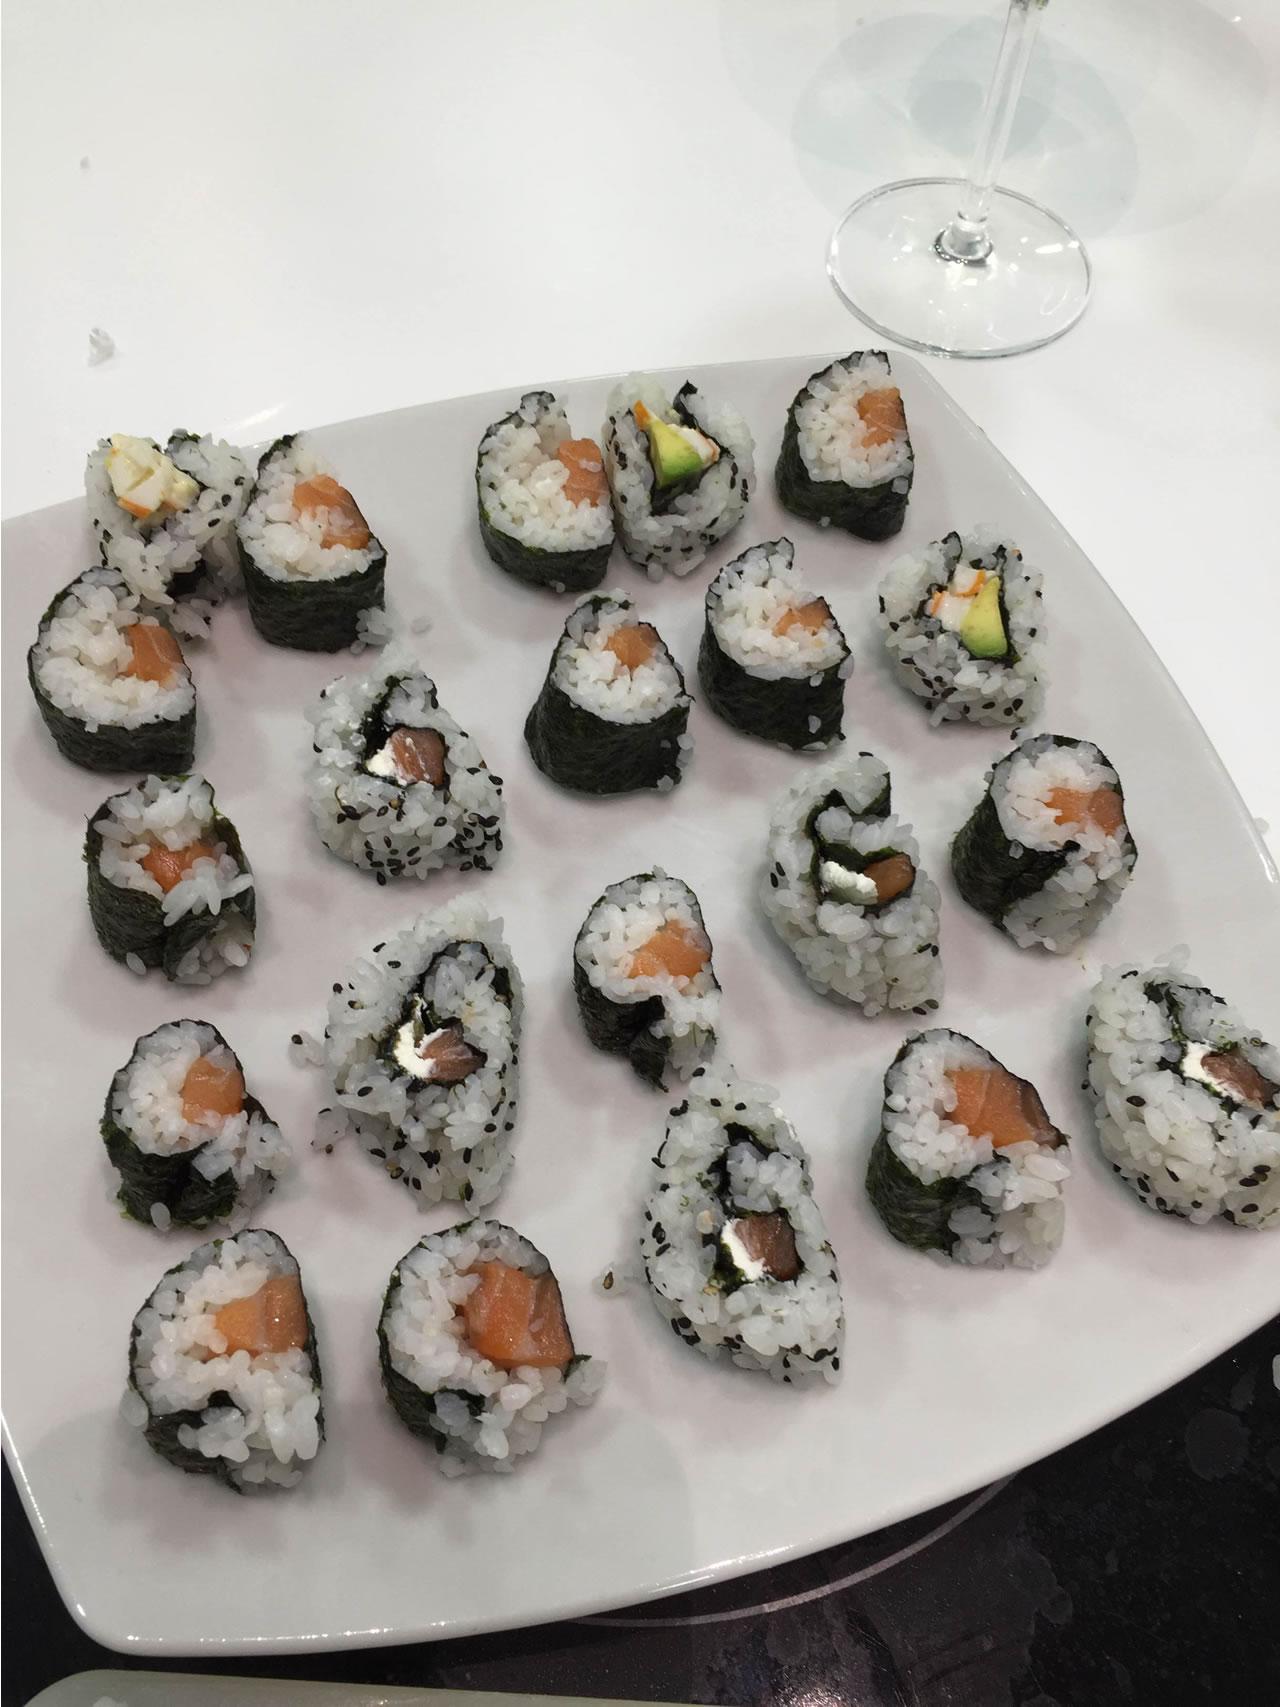 Imparare a fare il sushi presso Toffini Academy preparare sushi